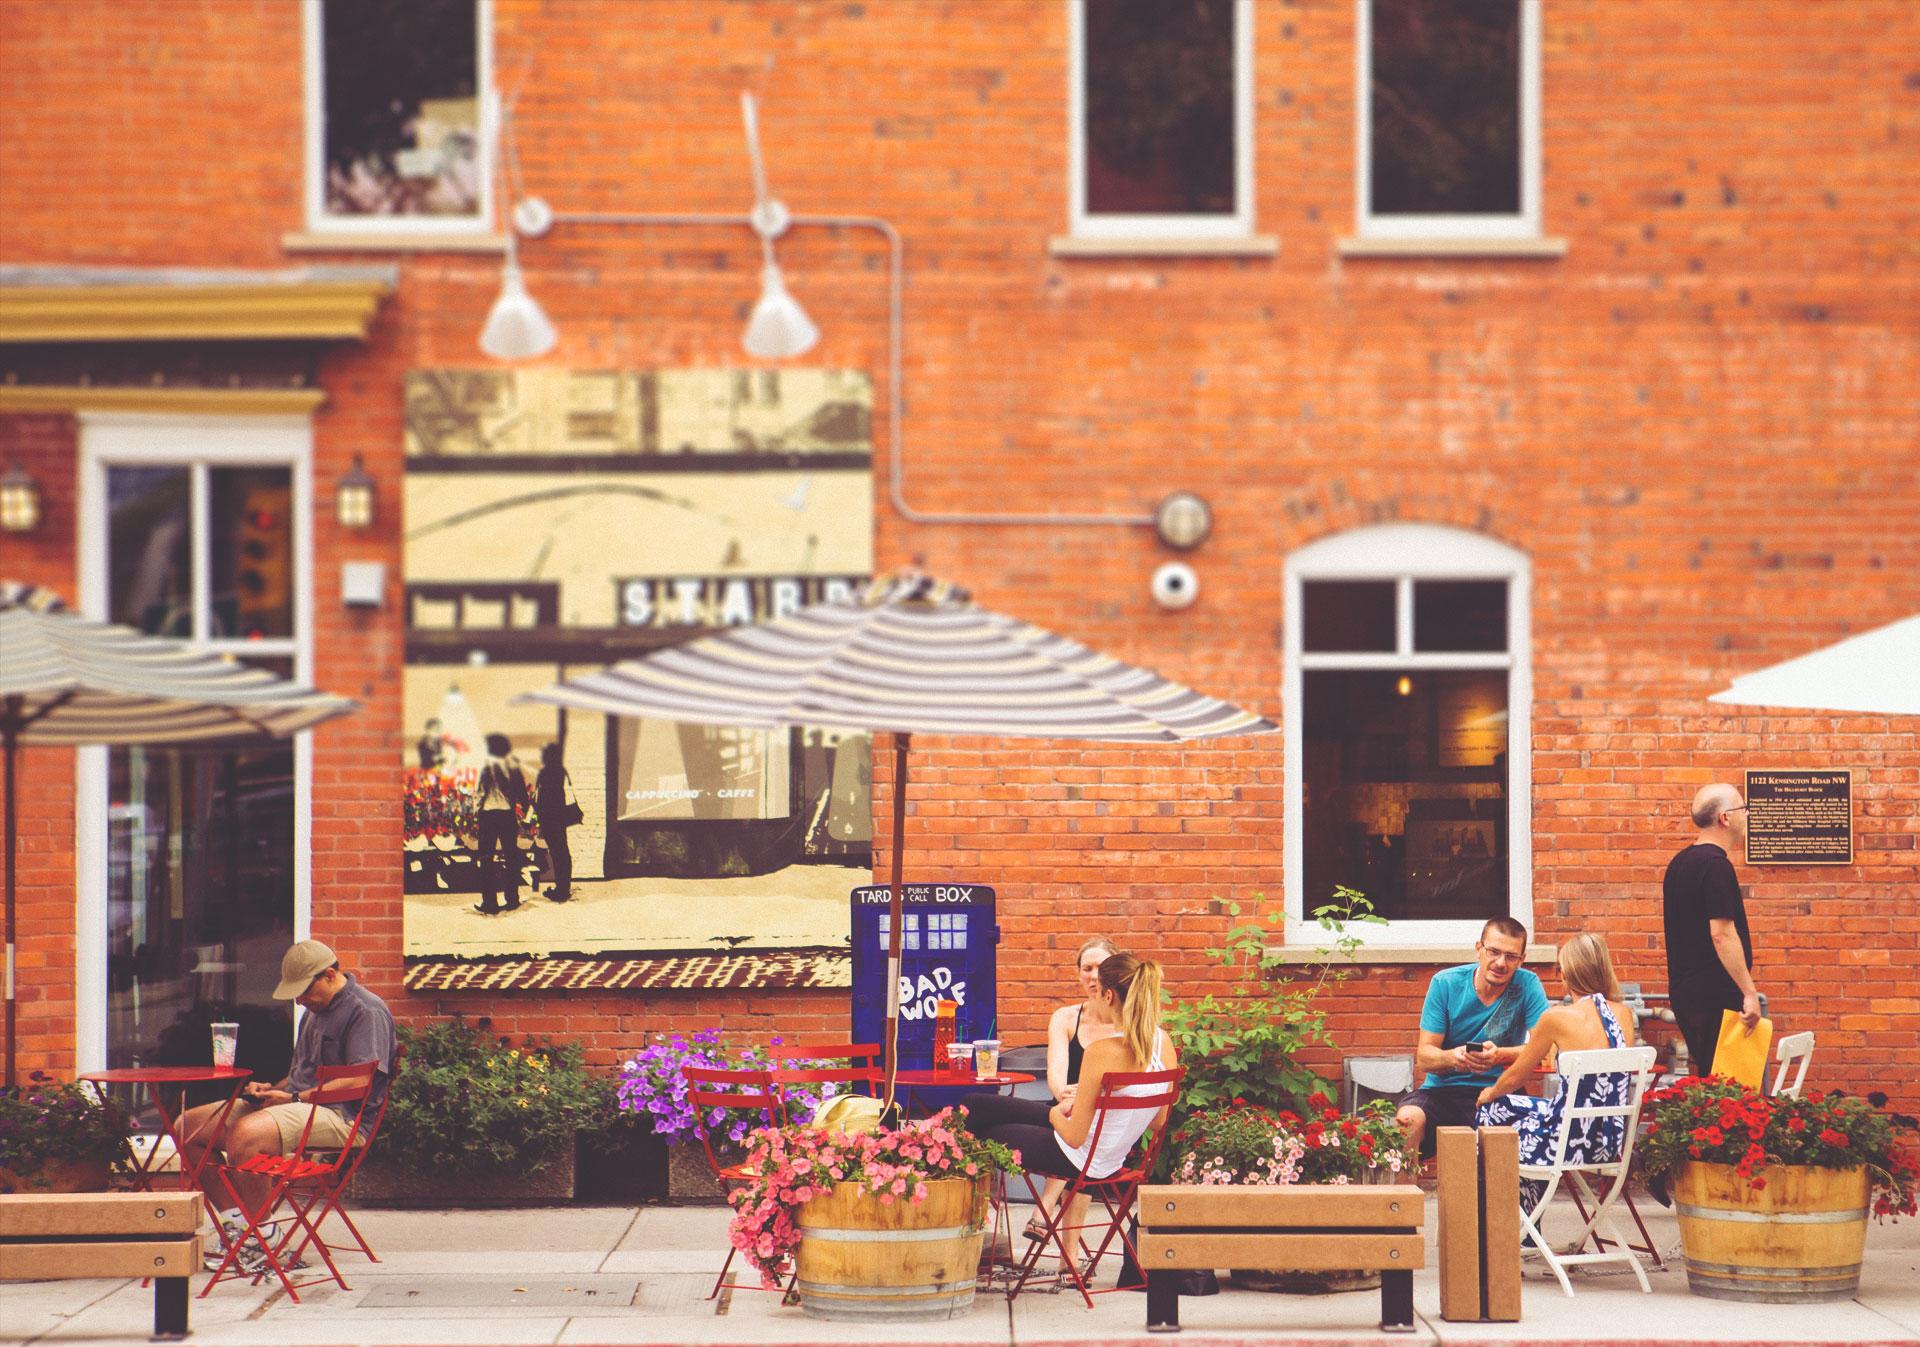 Kensington_Mainstreet_Calgary.jpg